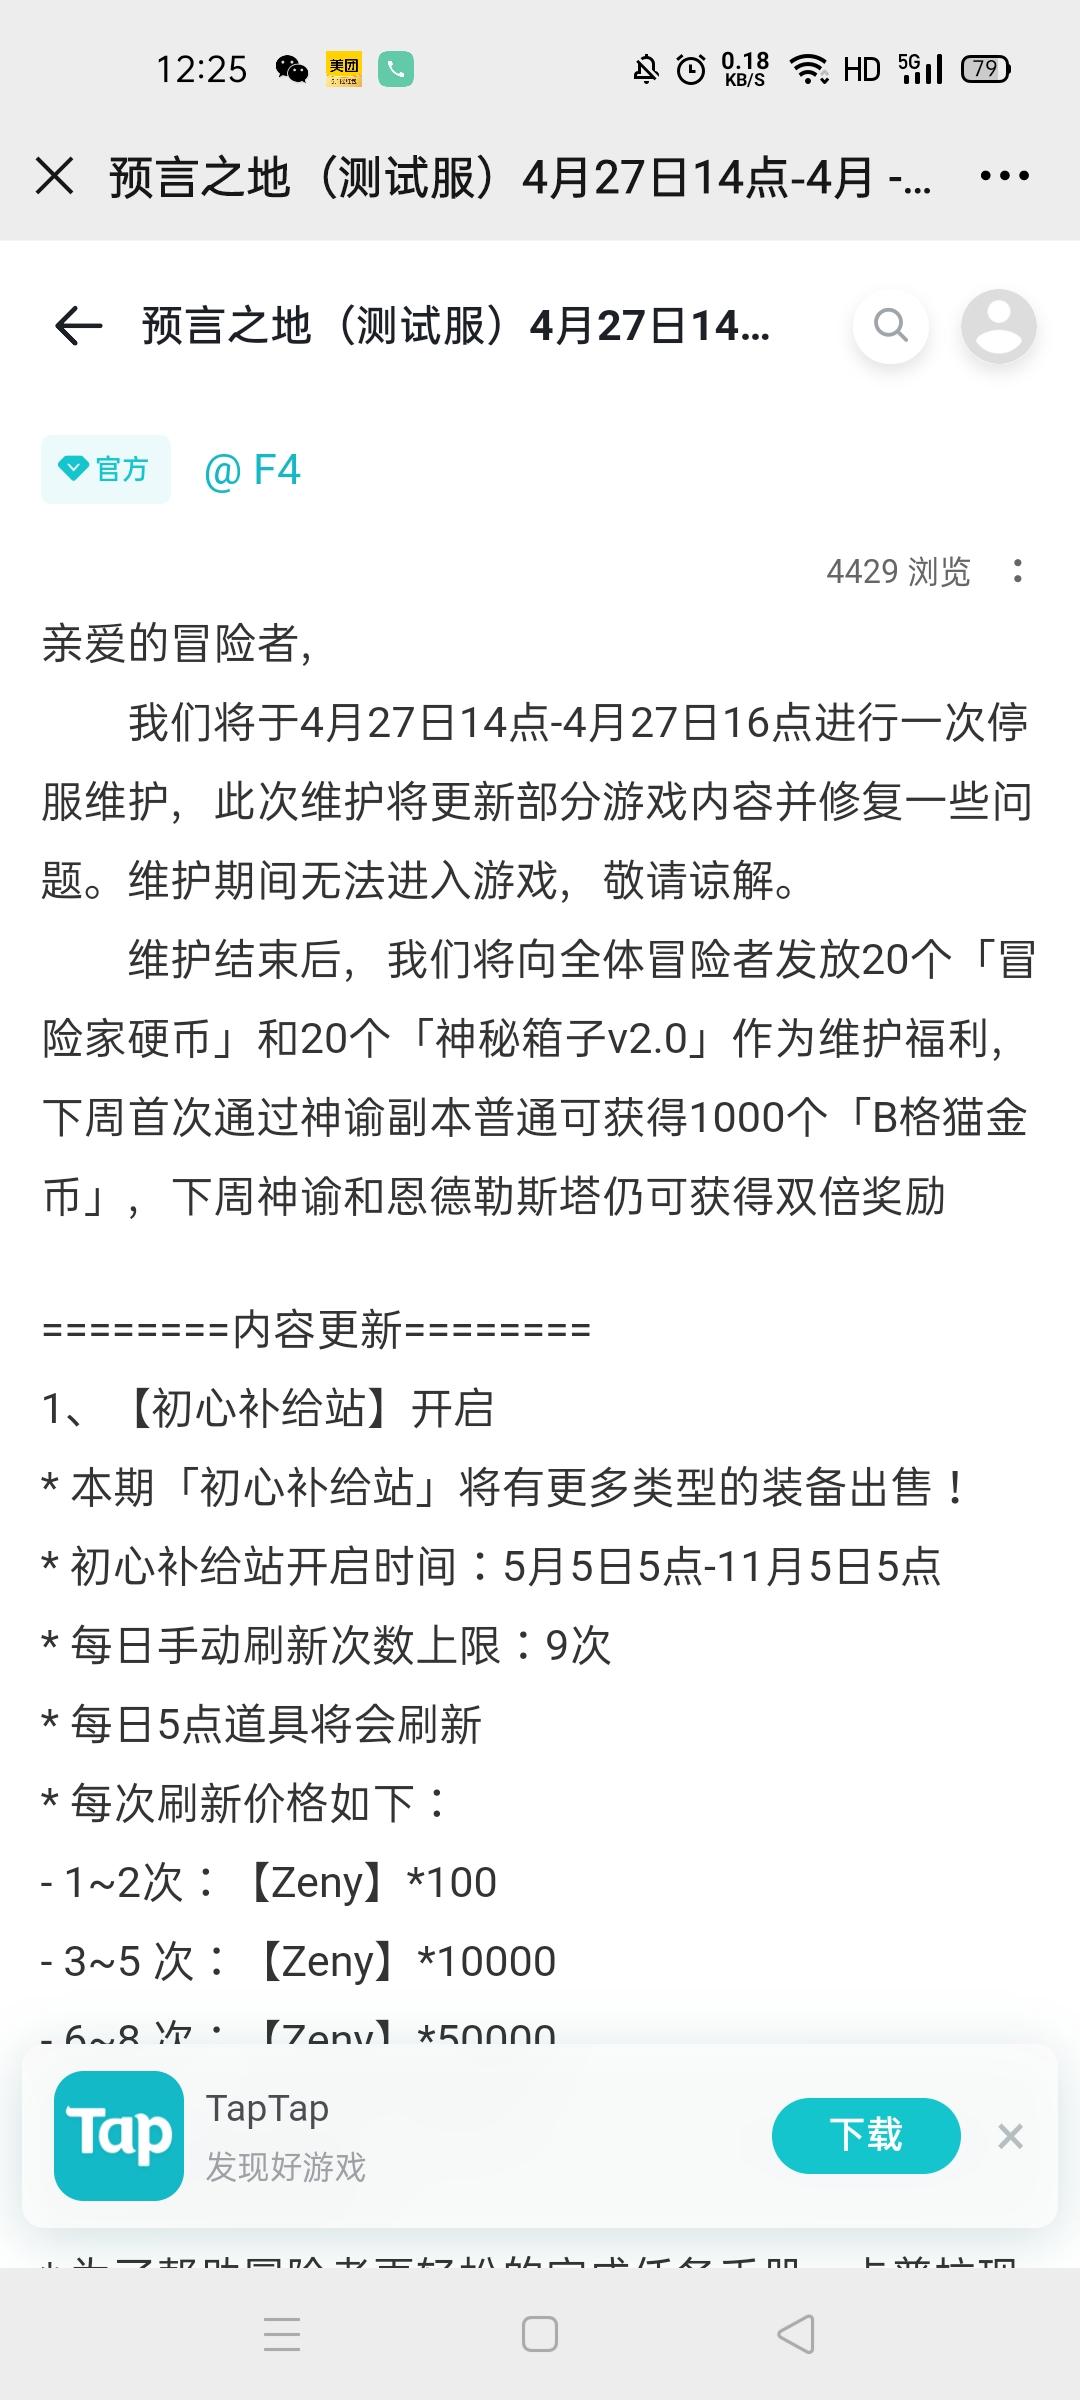 Screenshot_2021-05-12-12-25-17-10.jpg